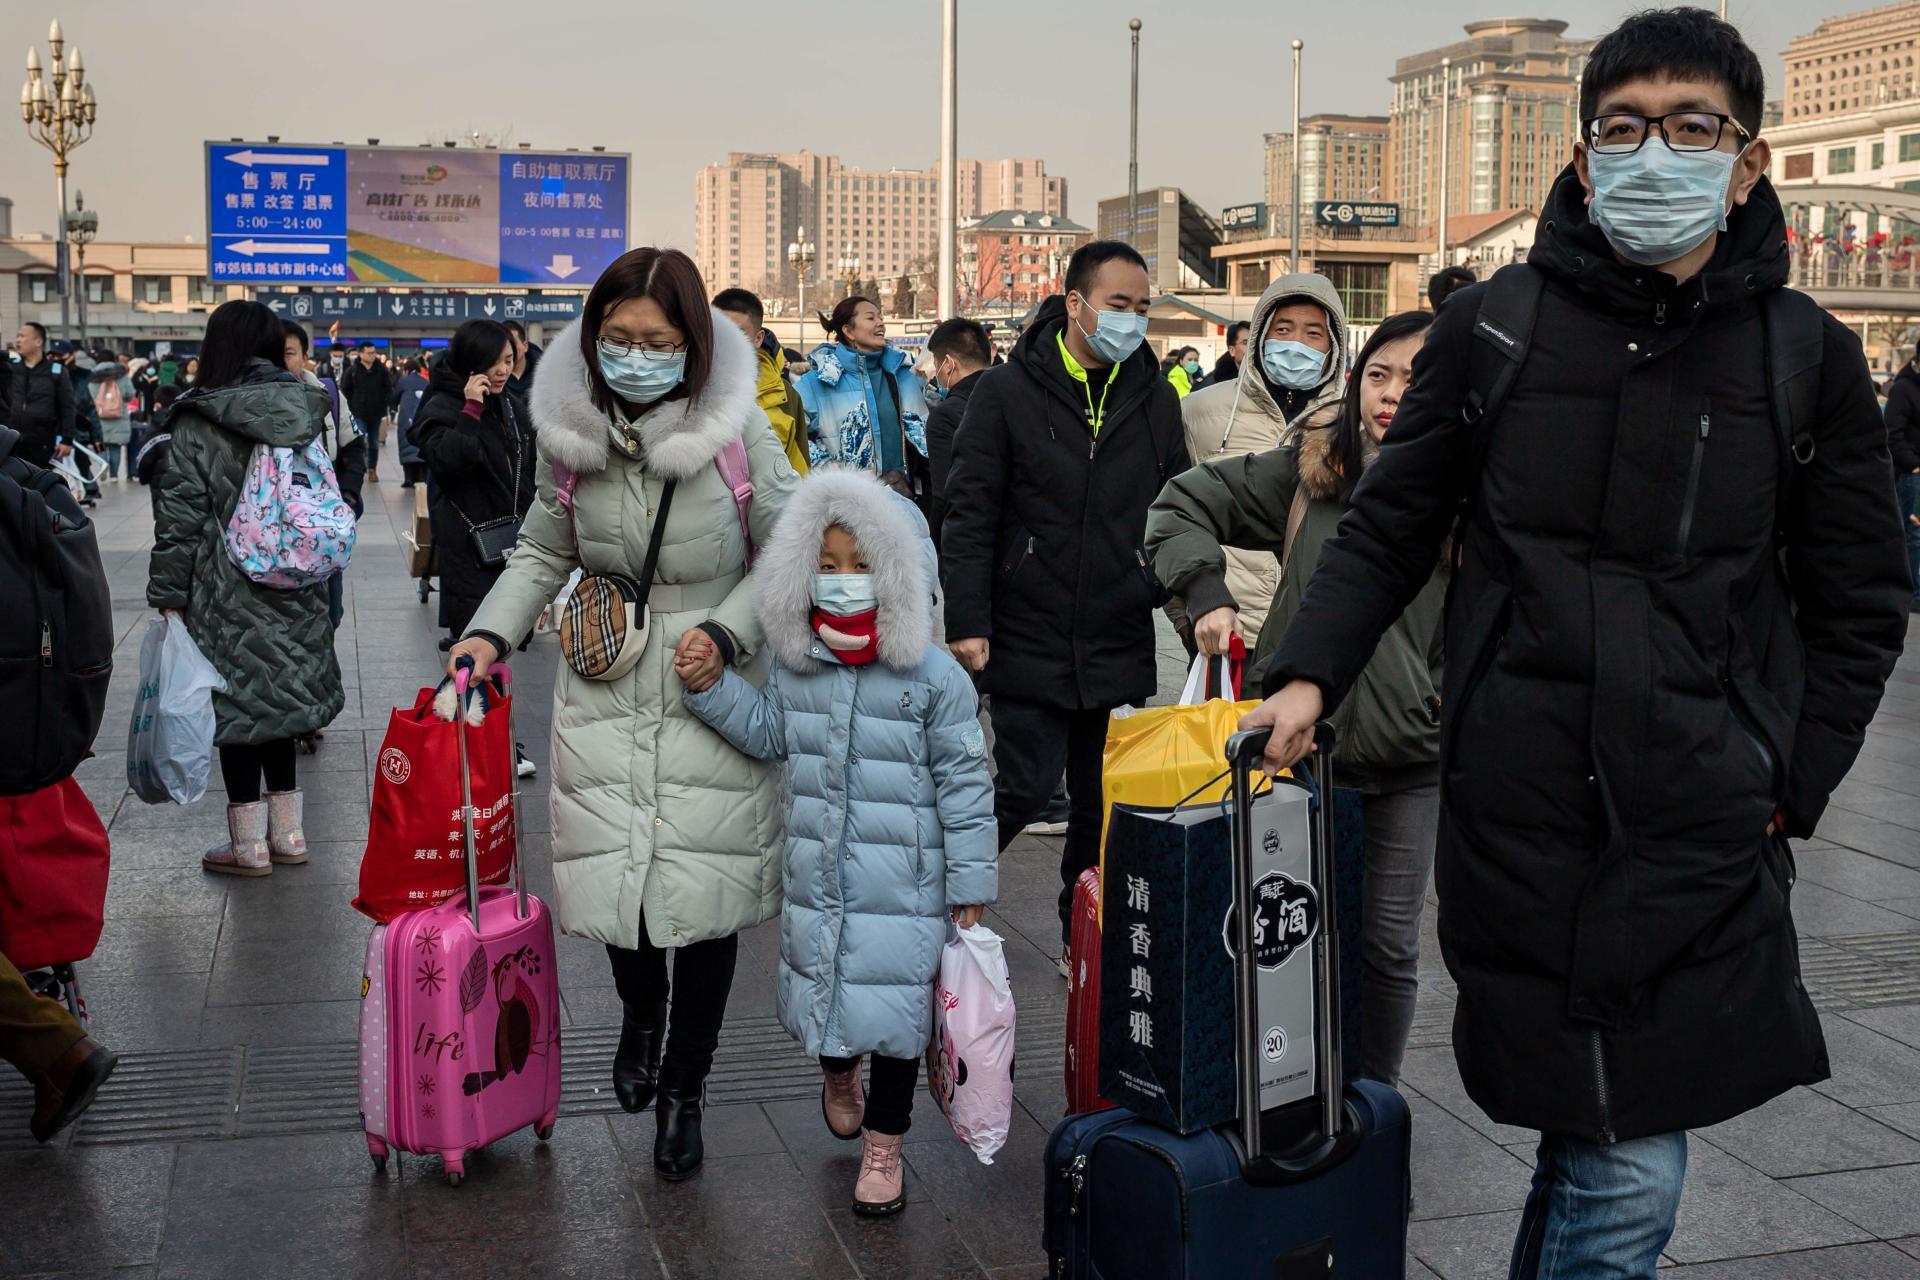 Des voyageurs pour le Nouvel An chinois à la gare de Pékin, le 21 janvier.